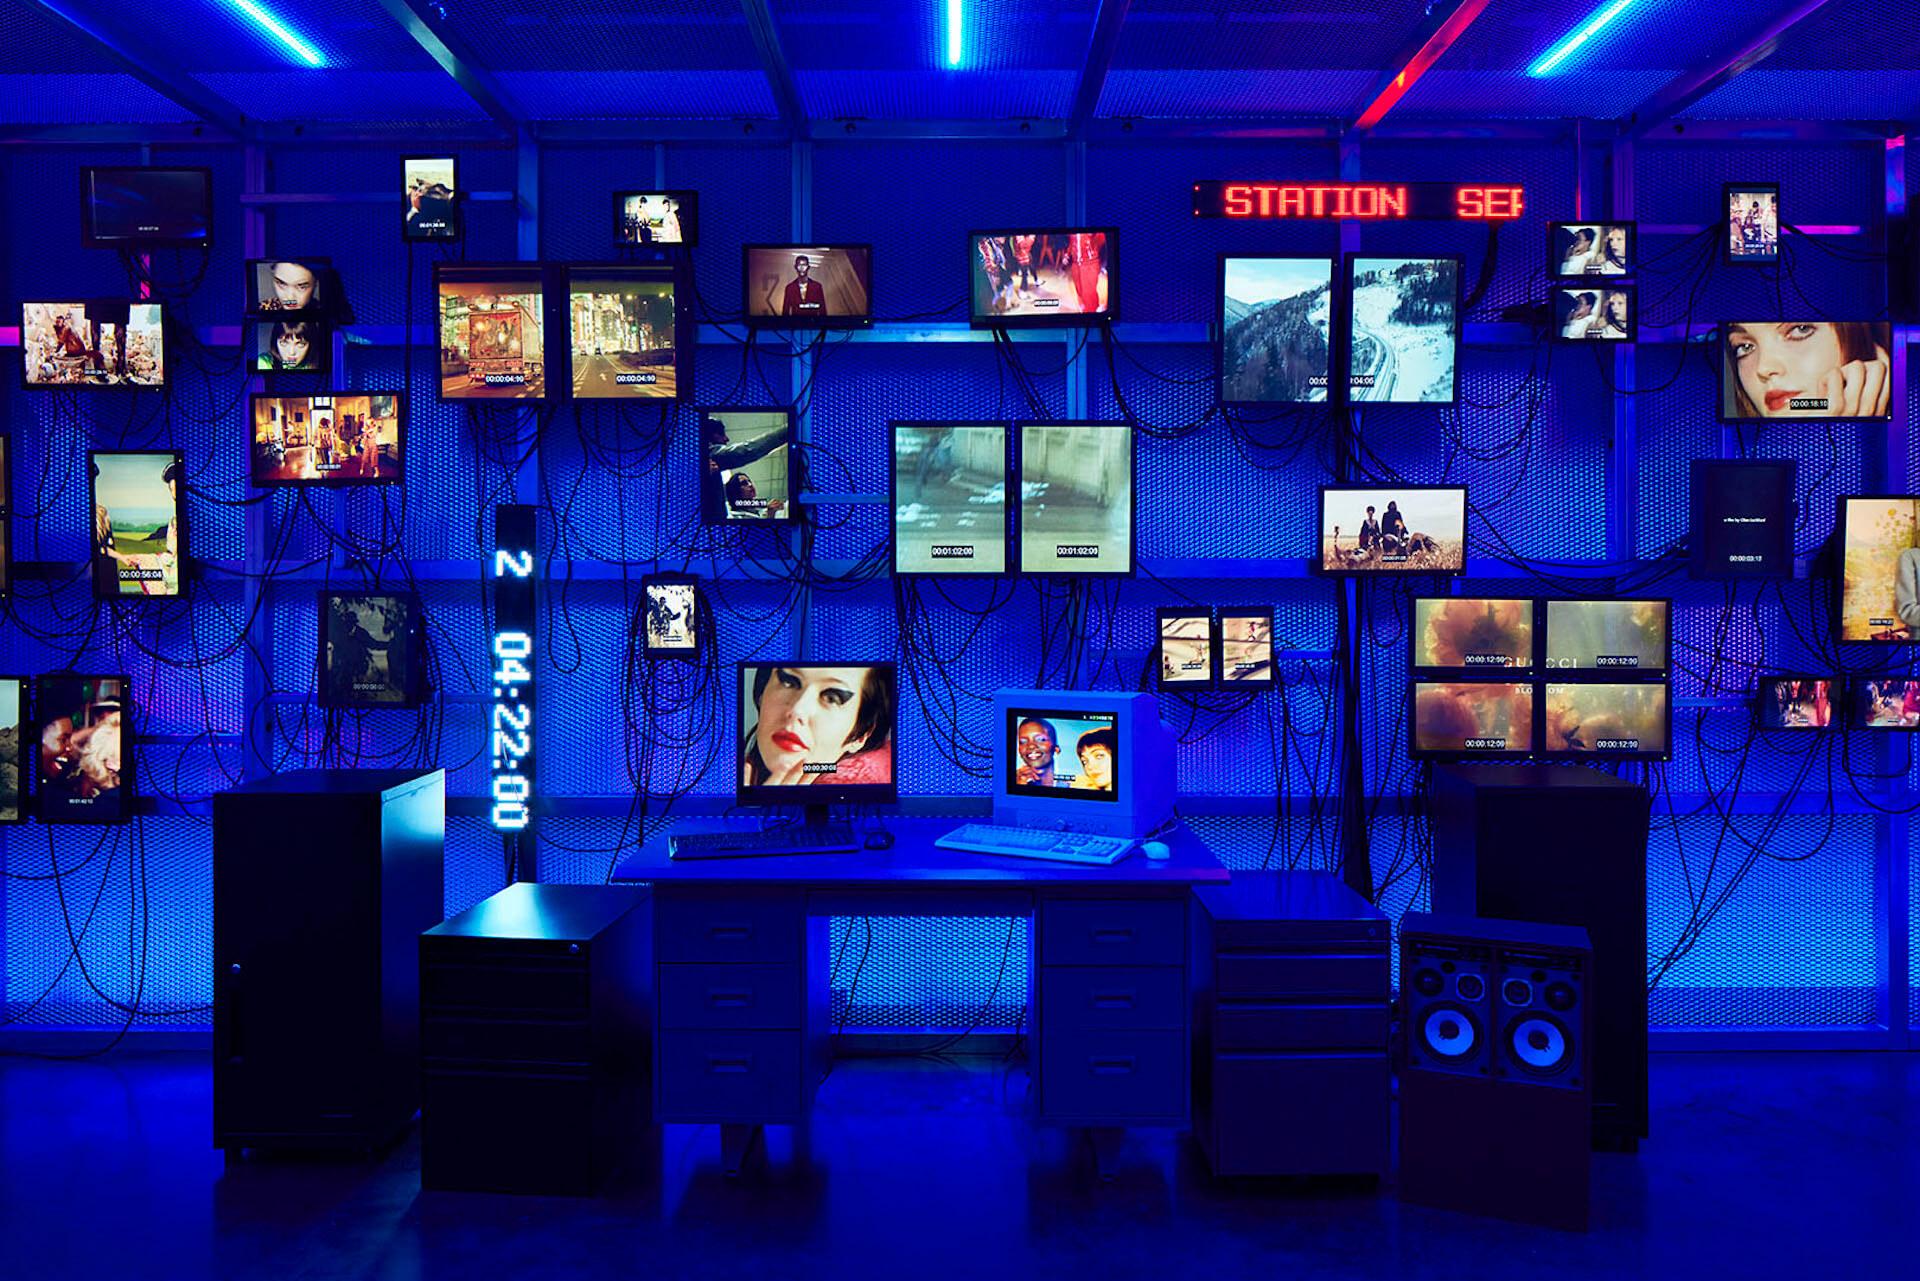 ストリートなイベント【東京】GUCCI GARDEN ARCHETYPES グッチがブランド創設100周年記念の没入型エキシビションが開催中!